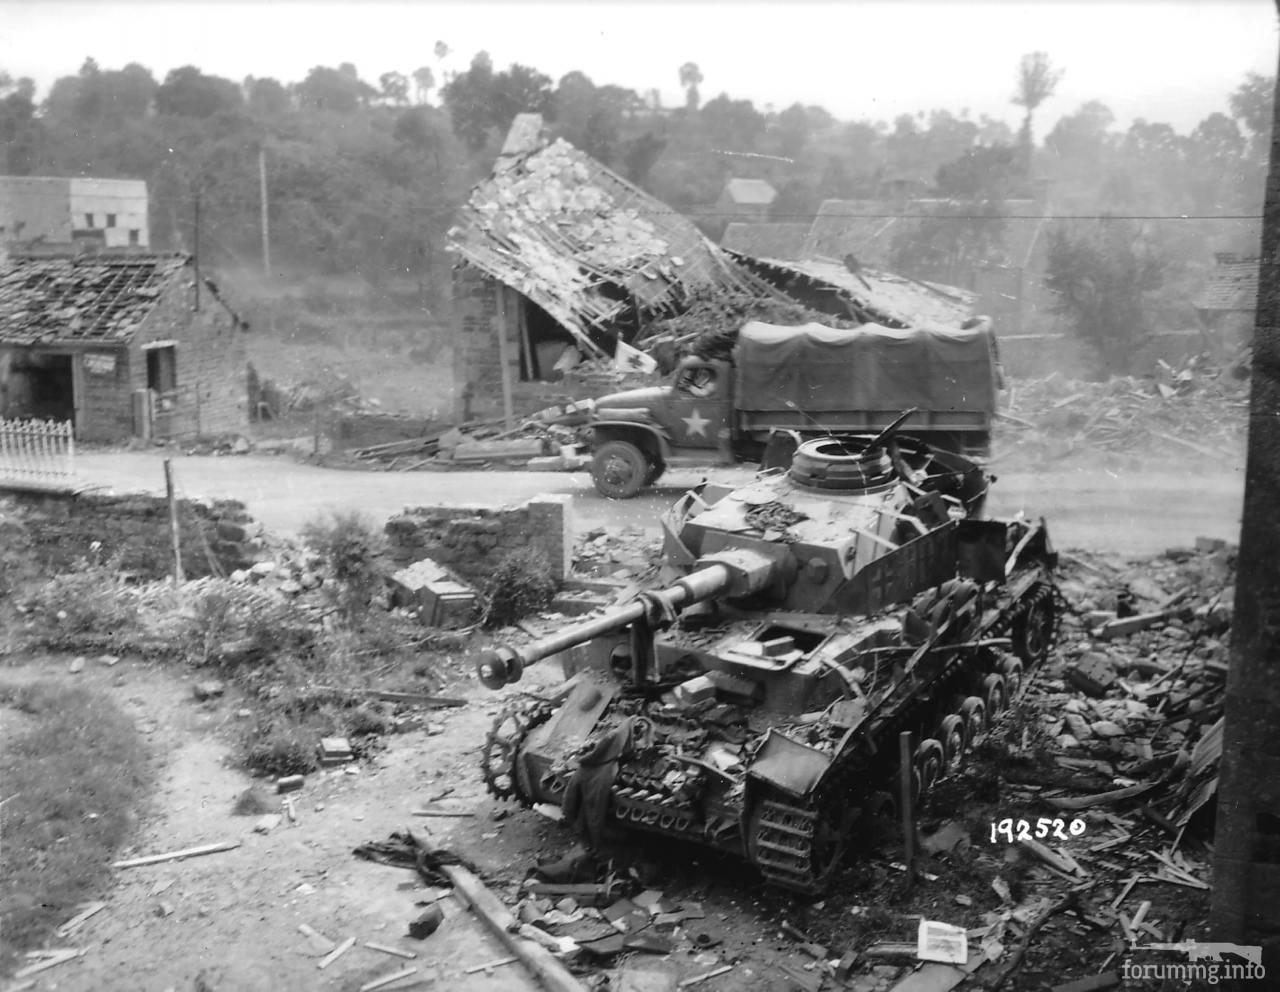 132709 - Achtung Panzer!